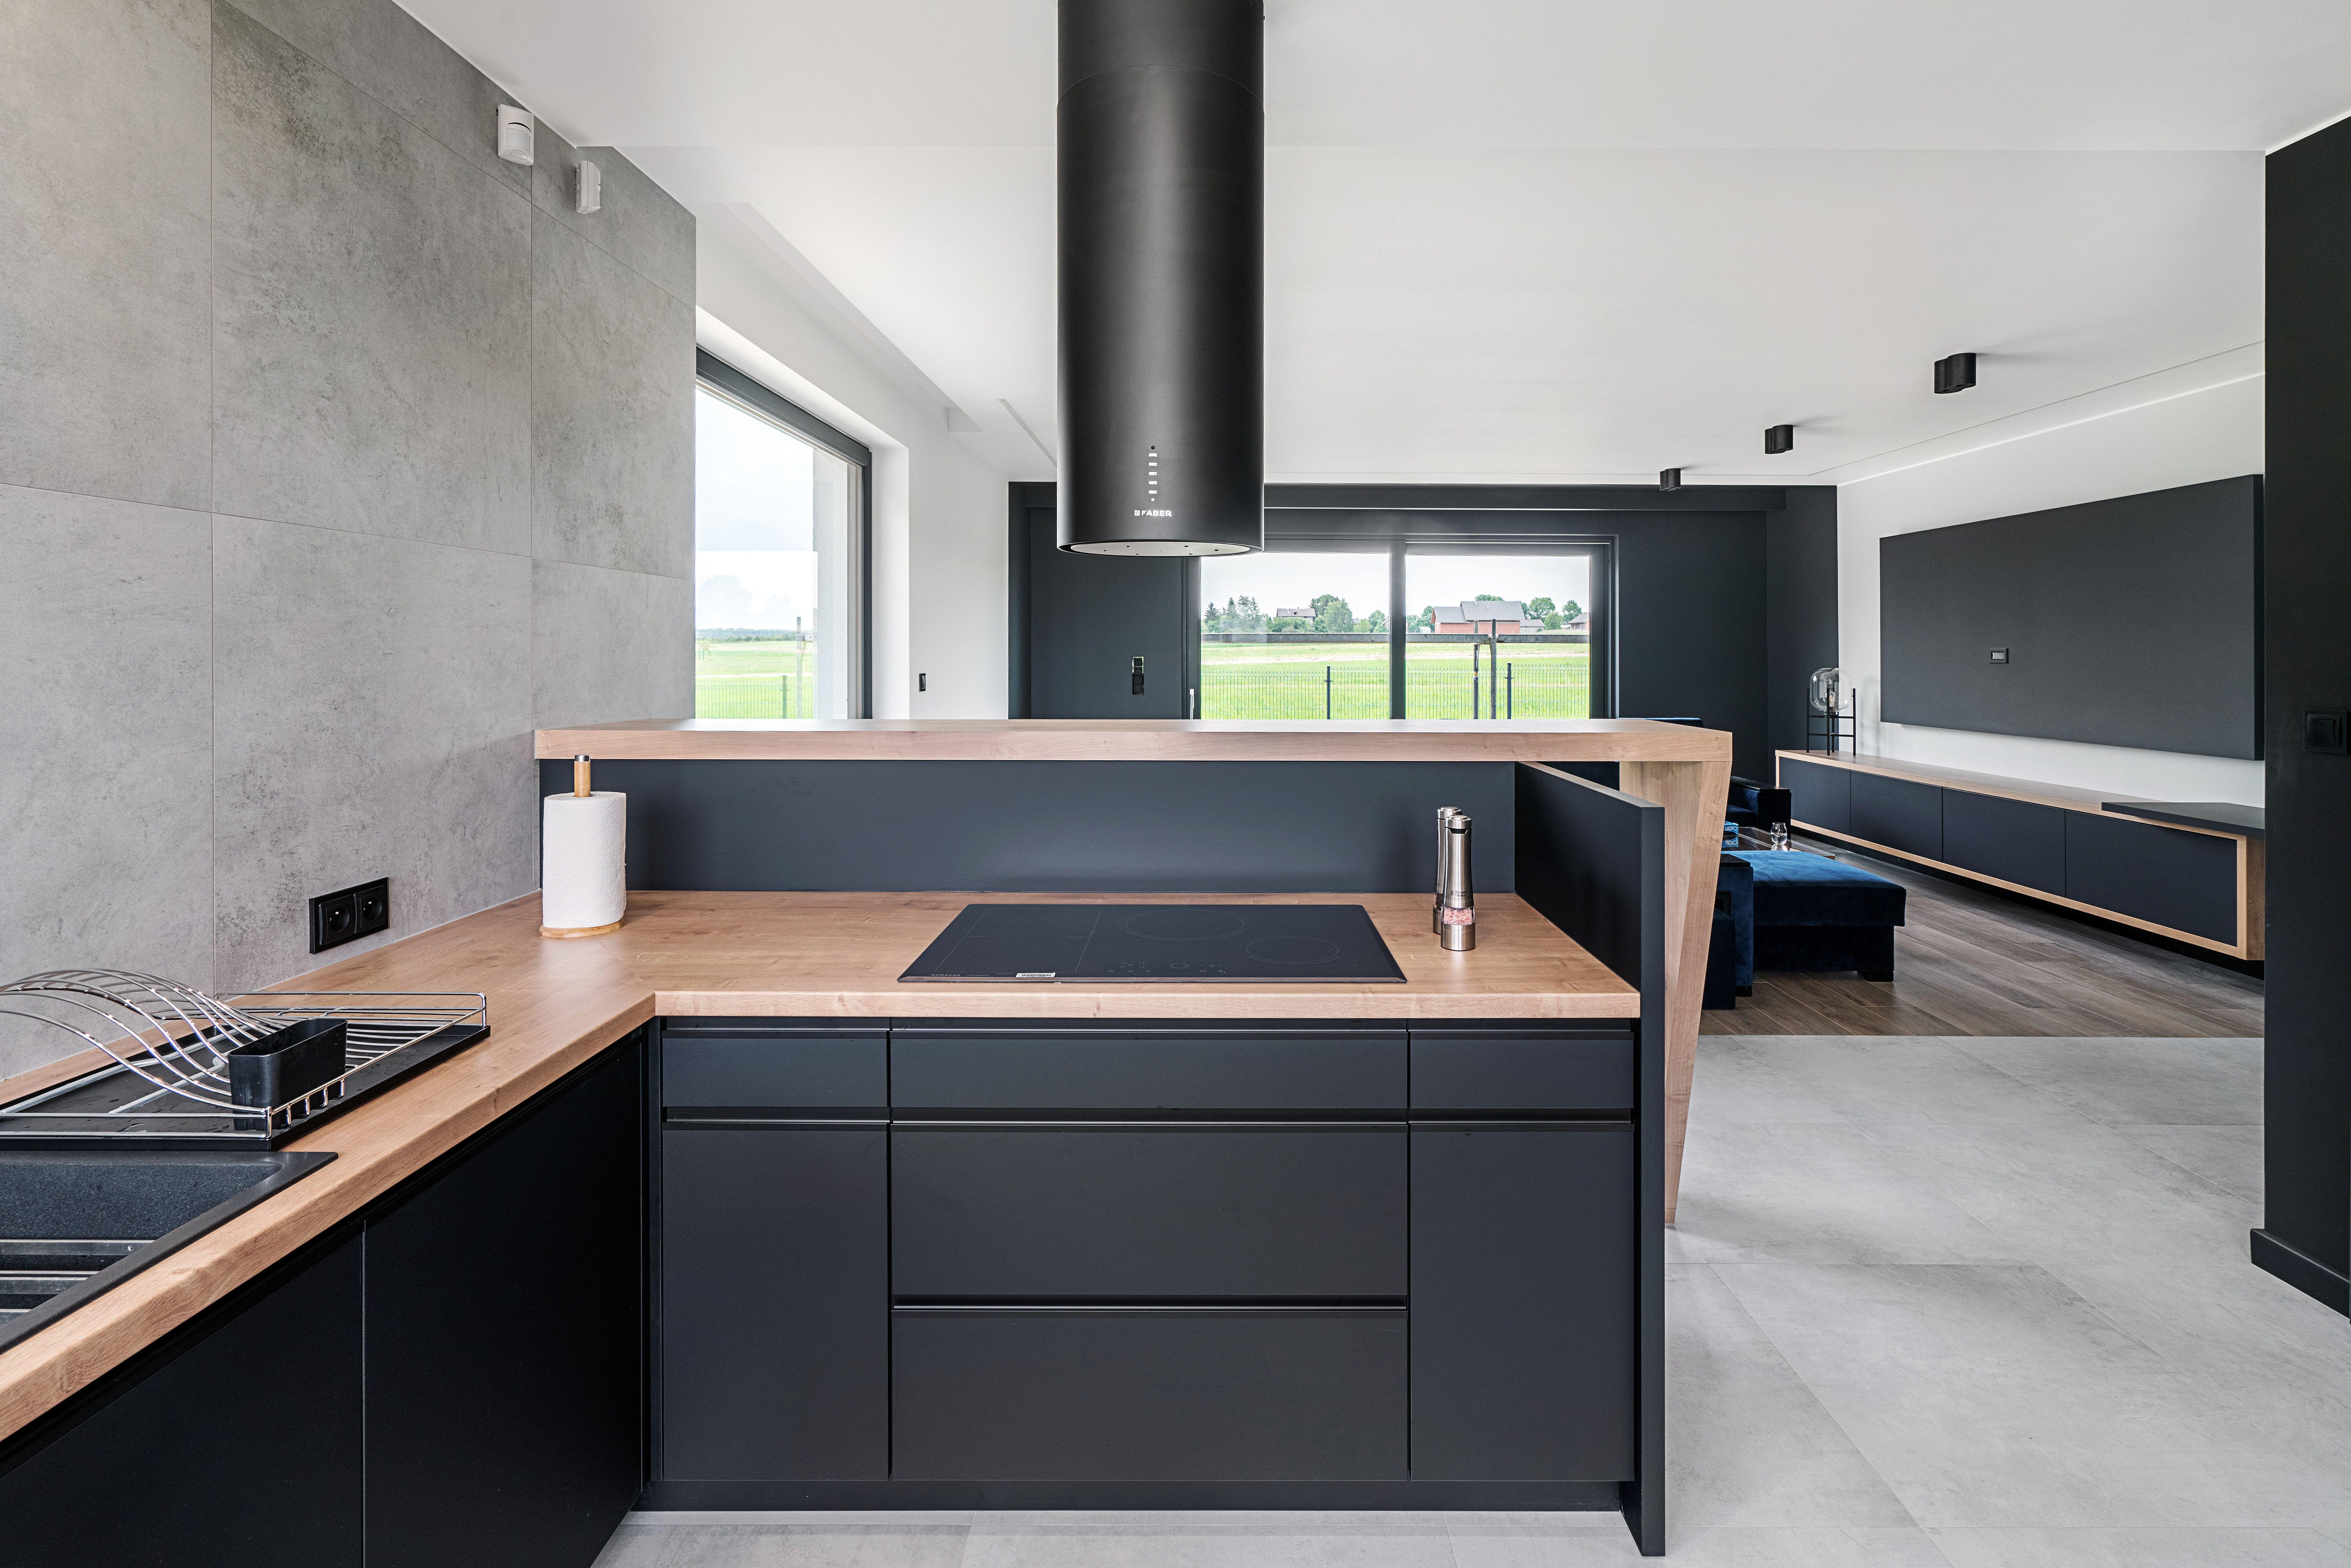 Przestronnie Minimalistycznie I Nowoczesnie Tak Urzadzono Prezentowane Wnetrze Trio Kolorystyczne Szarosc Czern I Drew Kitchen Design House Interior Home